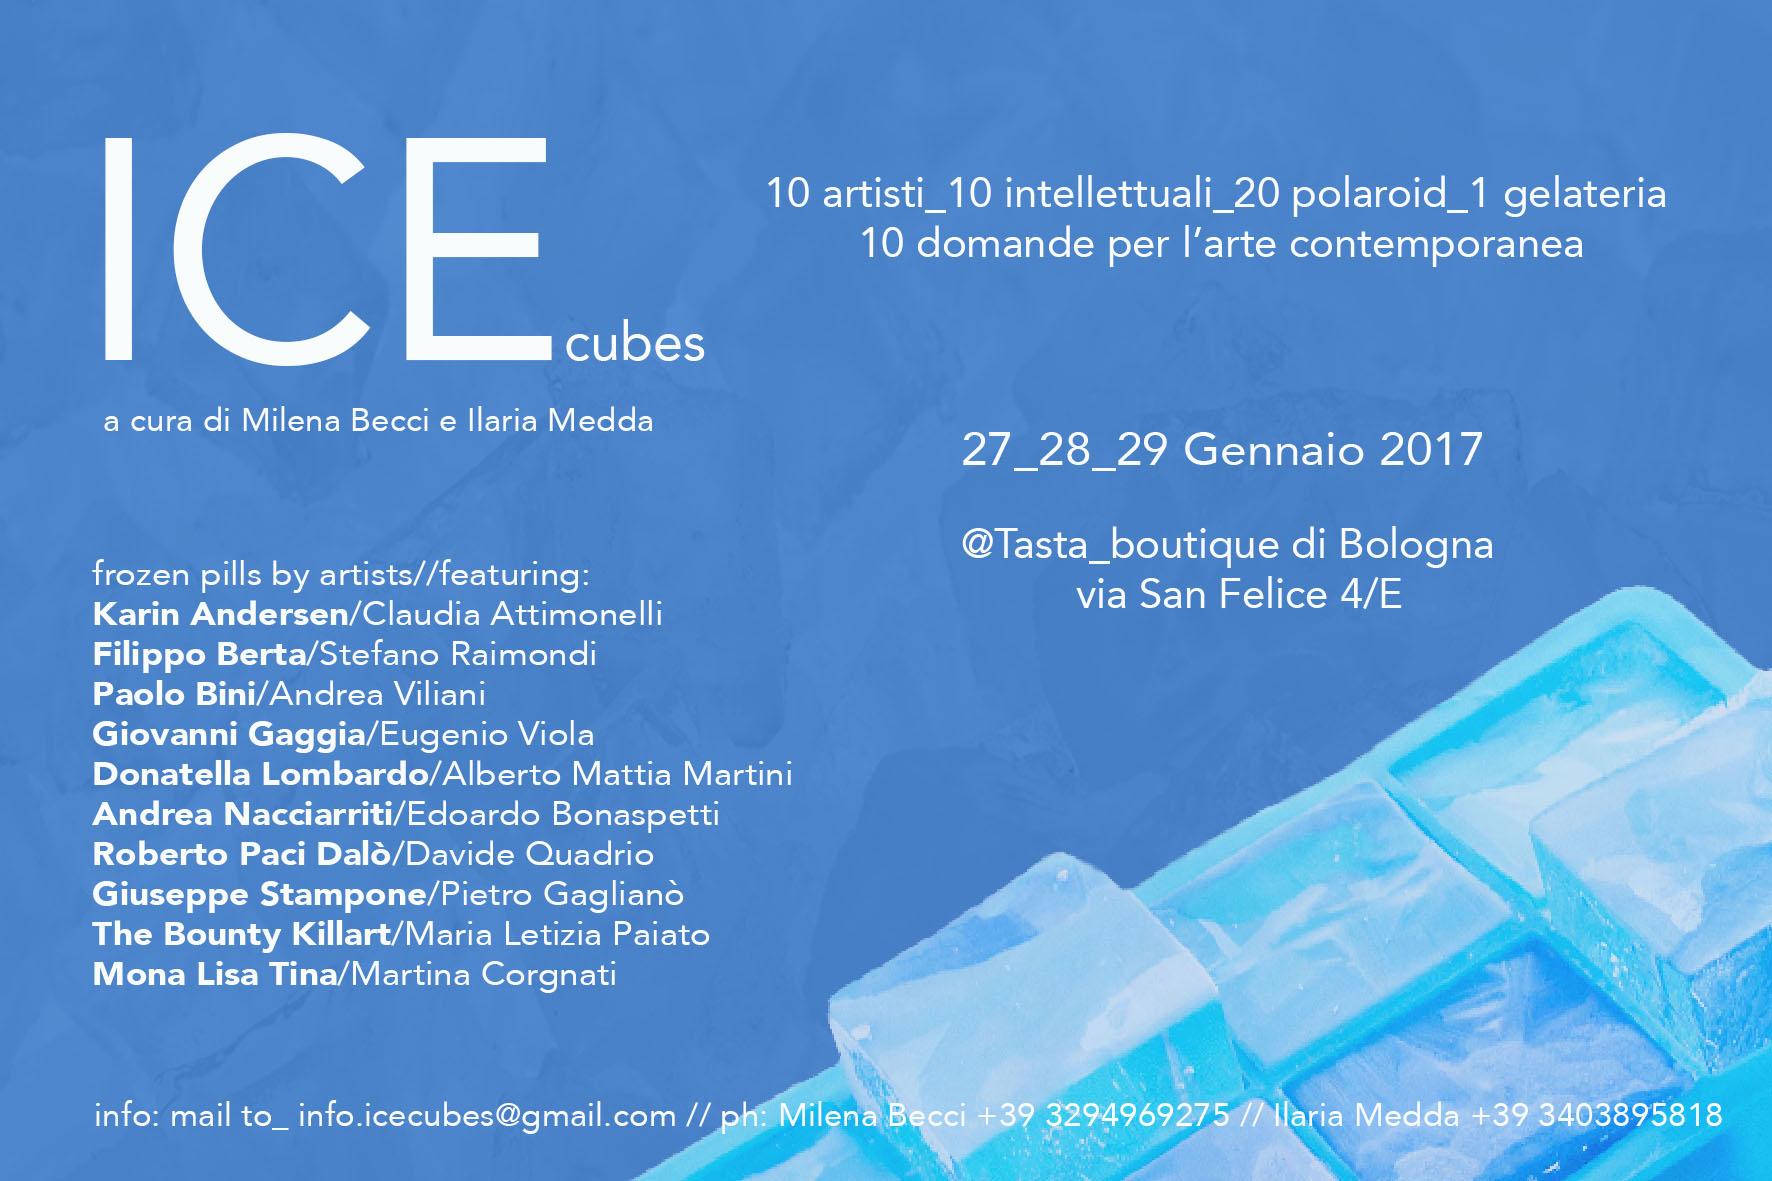 ICEcubes 10 artisti_10 intellettuali_20 polaroid_1 gelateria_10 domande per l'arte contemporanea